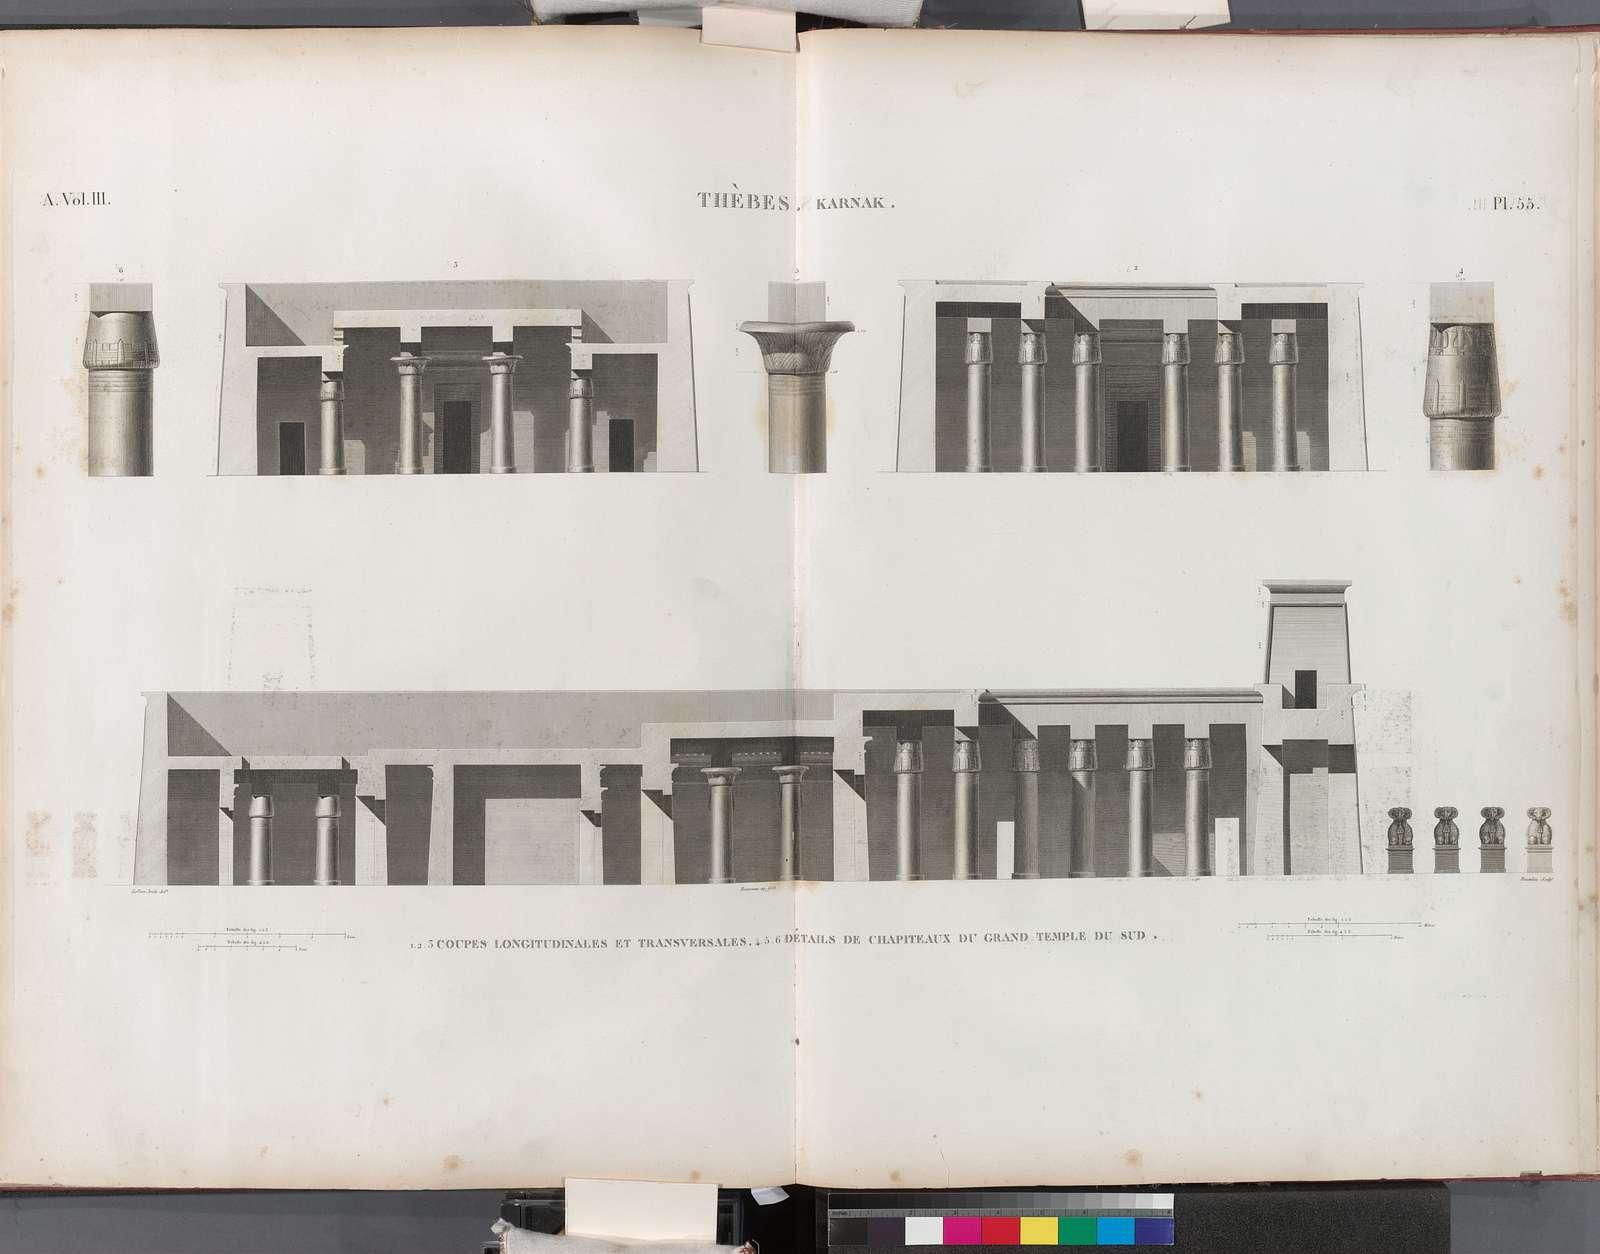 Thèbes. Karnak. 1-3. Coupes longitudinales et transversales; 4-6. Détails de chapiteaux du Grand Temple du sud.